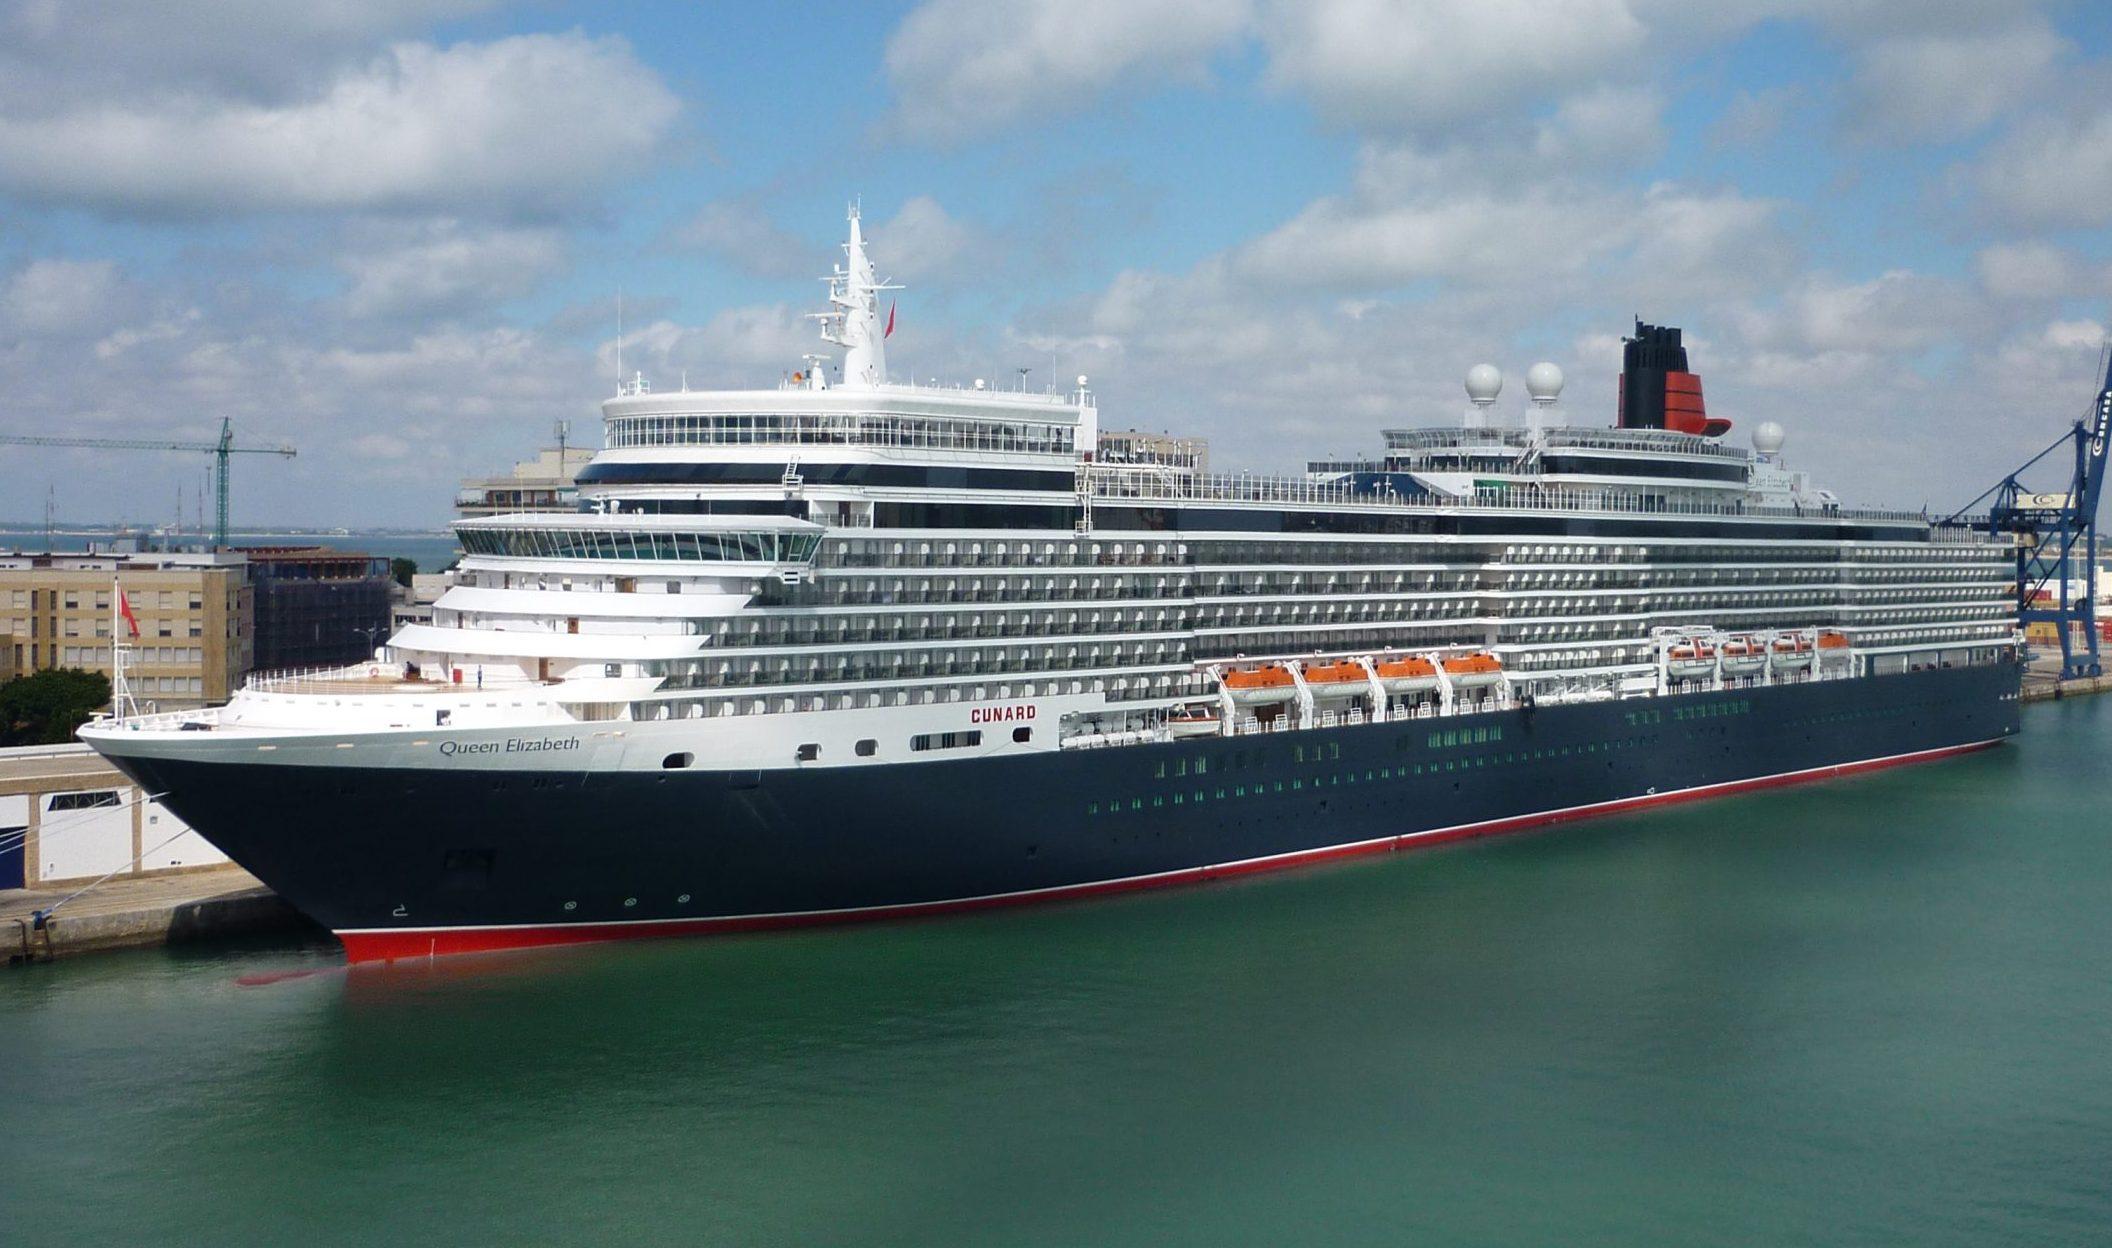 Queen Elizabeth fra Cunard-rederiet bliver et af de krydstogtskibe, der forventes i de britiske farvande til sommer, formentlig kun med britiske passagerer. Arkivfoto fra Wikipedia: Meester Proper.